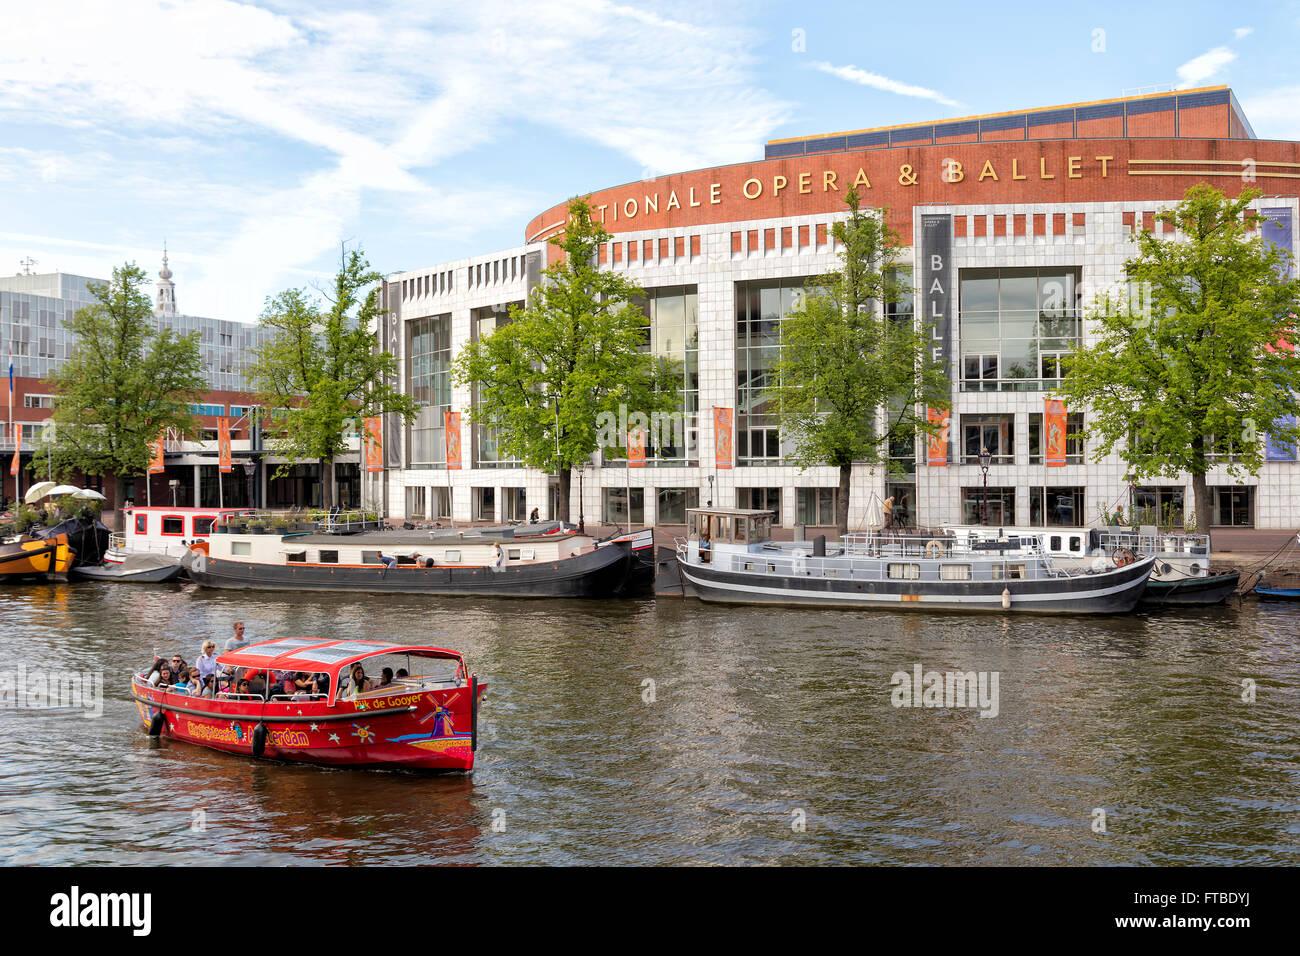 Les touristes des bateaux touristiques à Amsterdam, Pays-Bas Banque D'Images